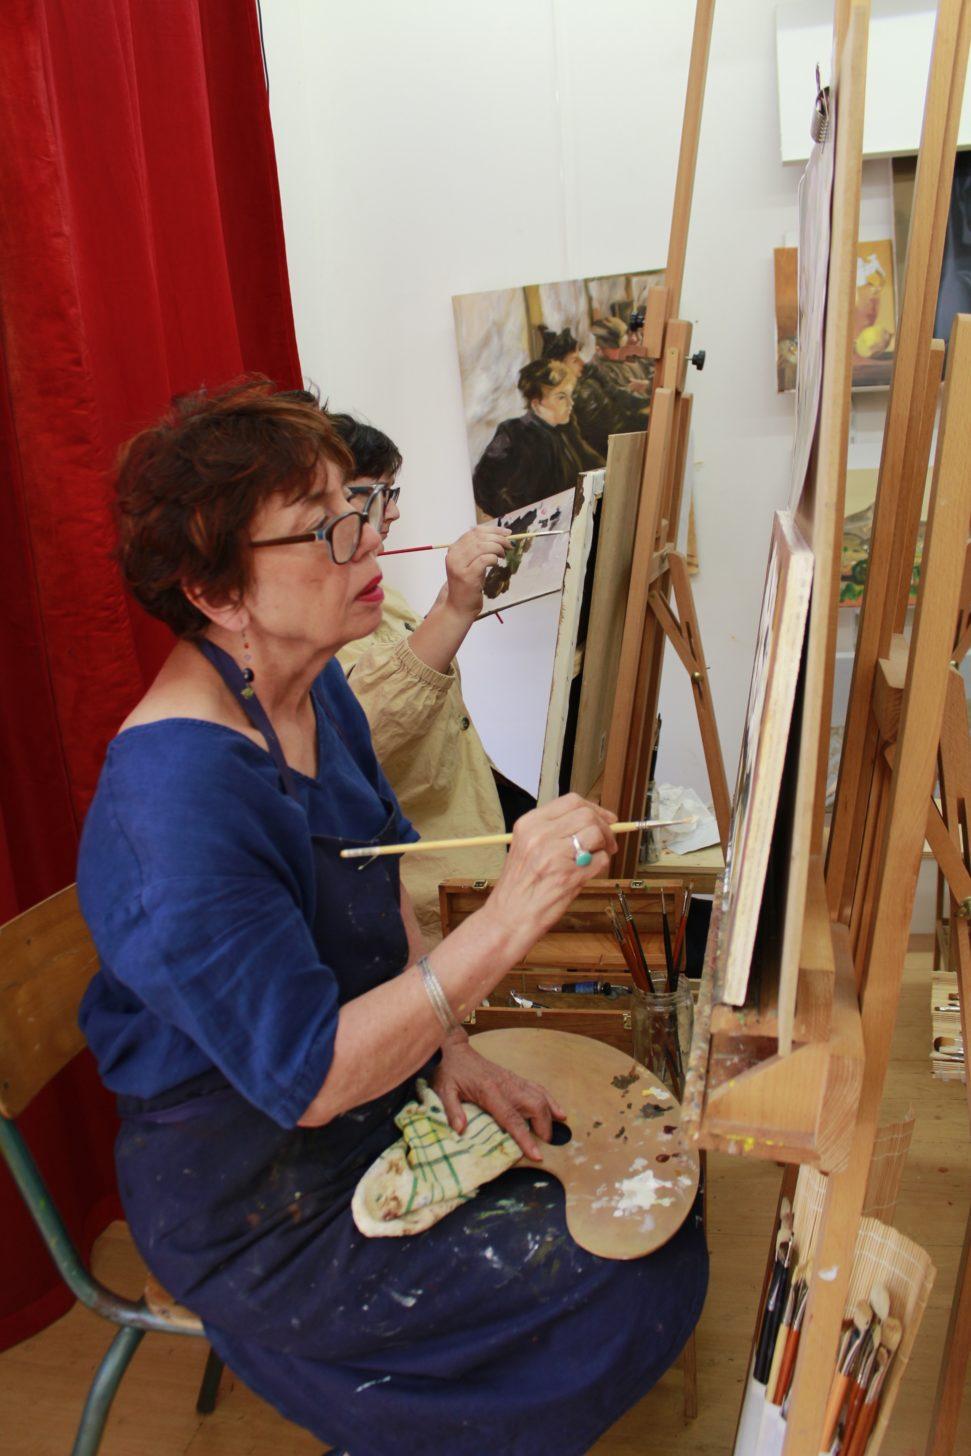 cours de peinture à paris 14, métro Alésia